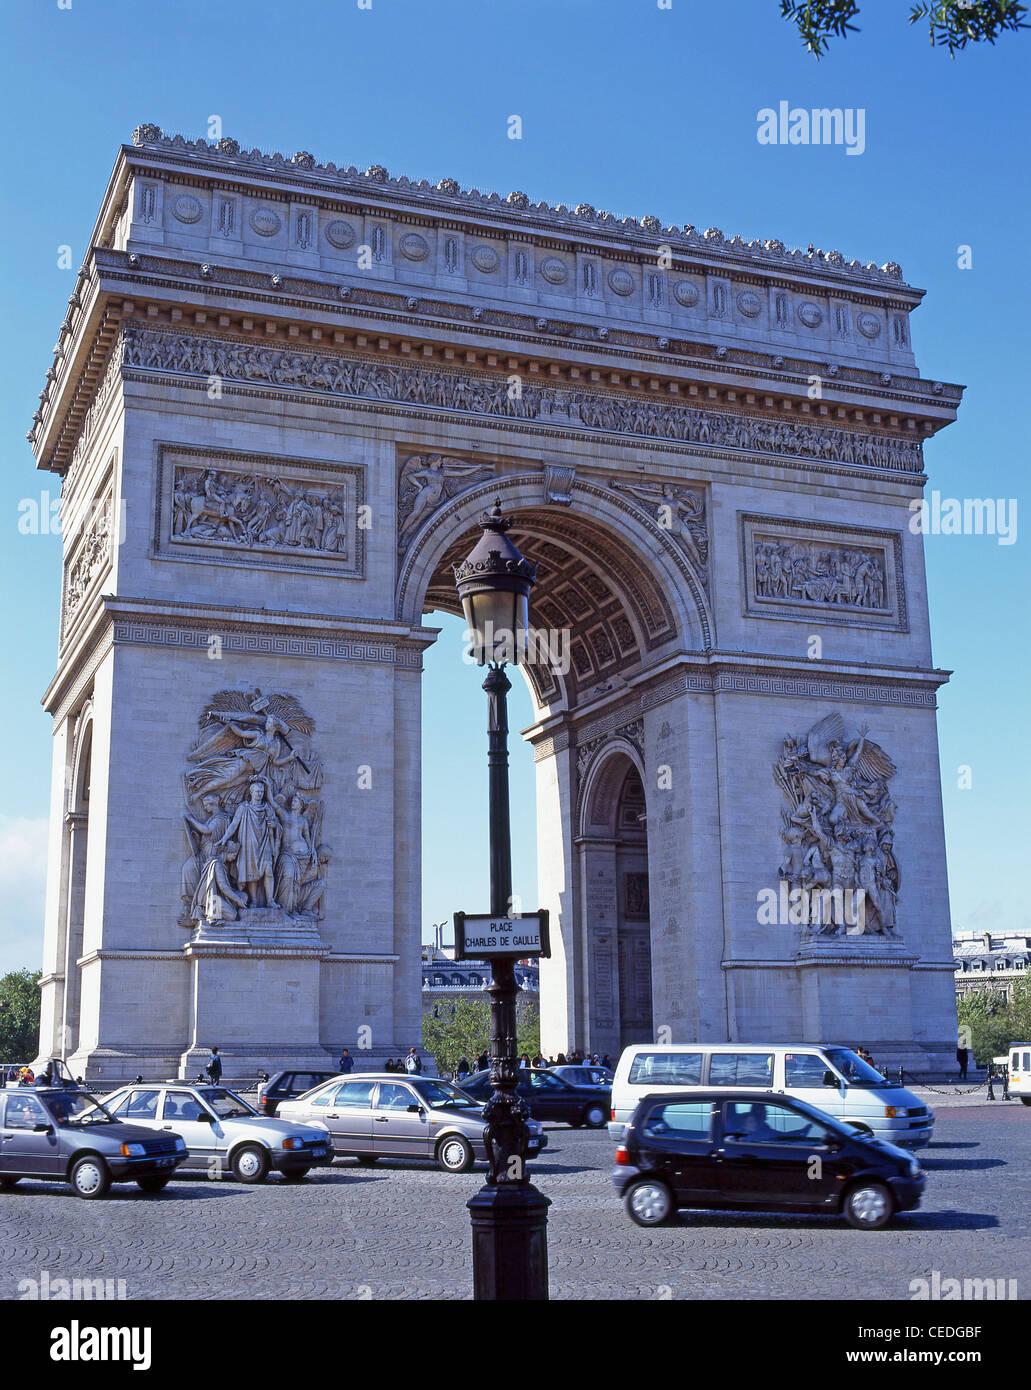 Der Arc de Triomphe, Place Charles de Gaulle, Paris, Île-de-France, Frankreich Stockbild